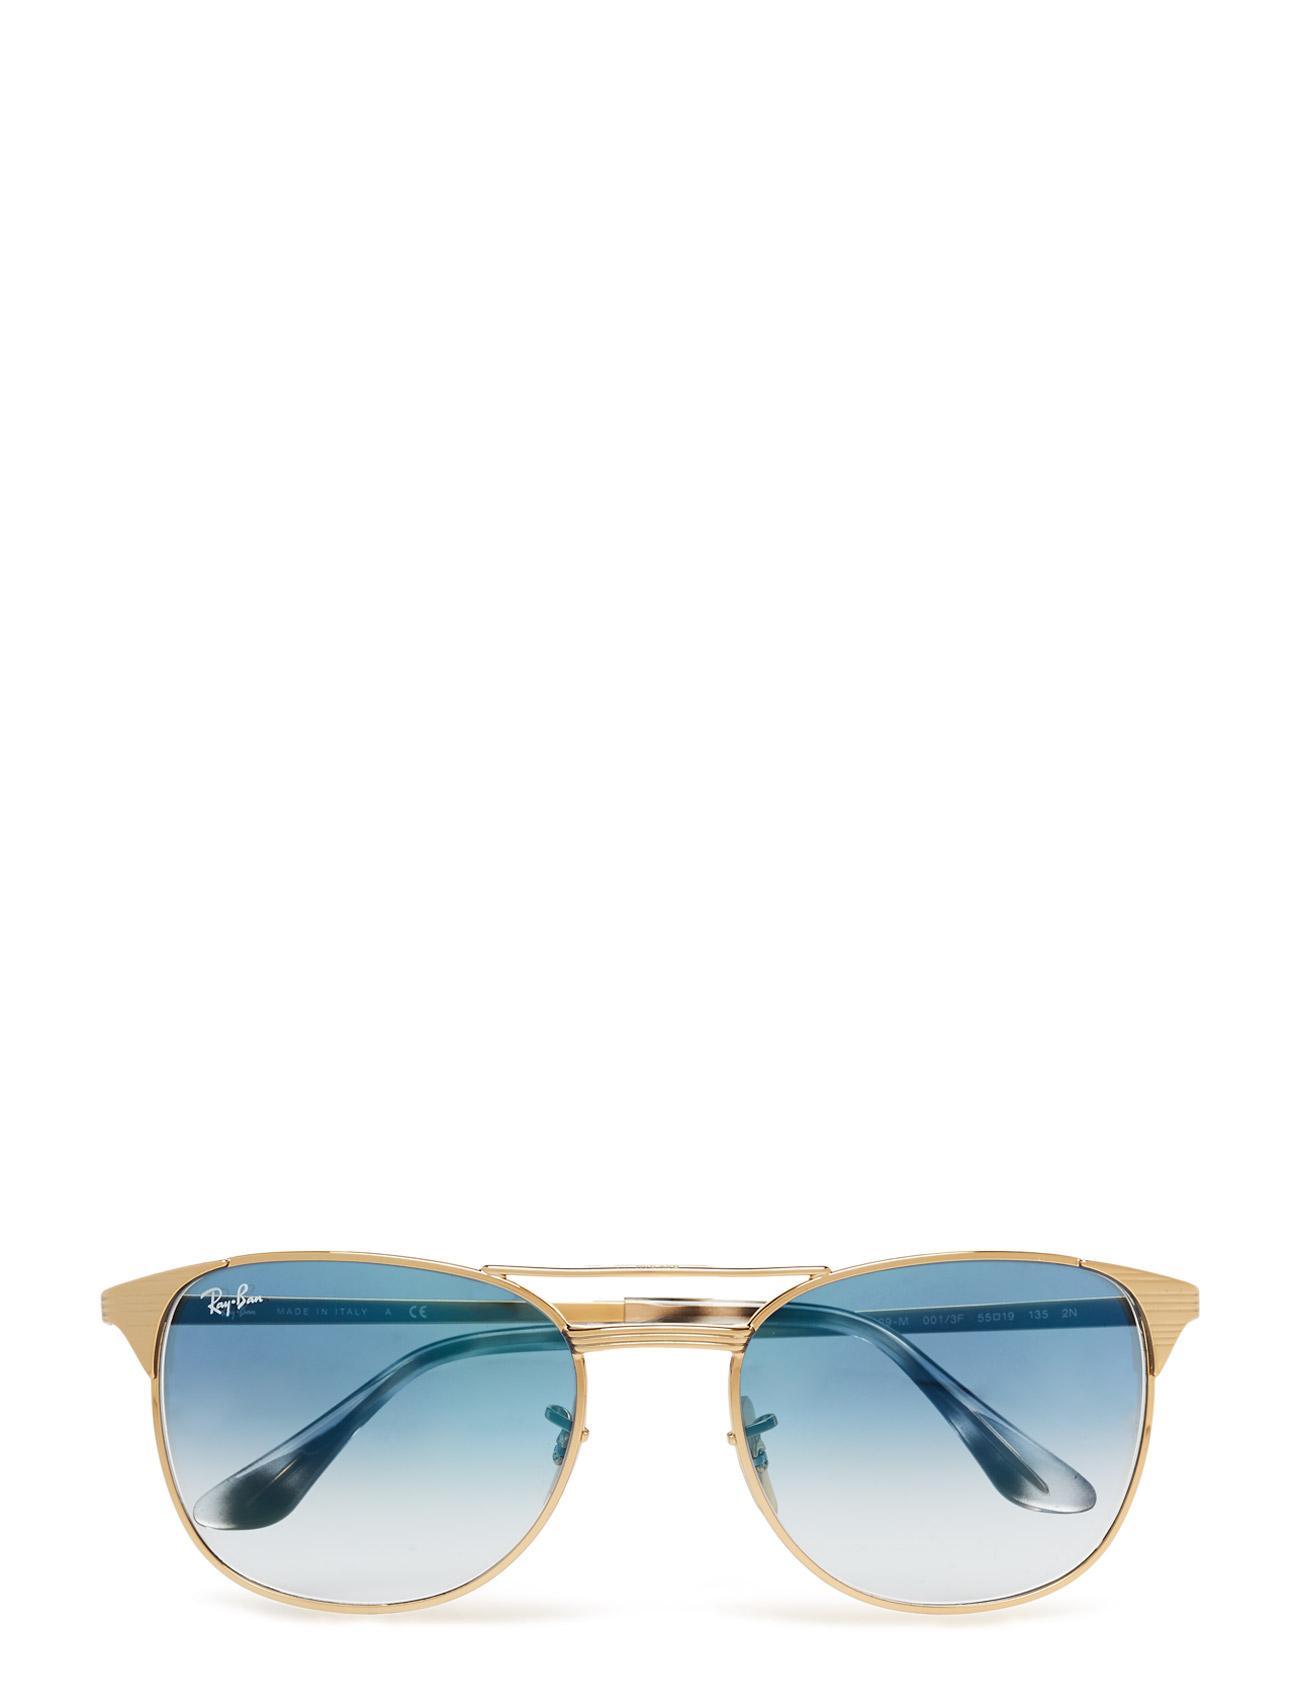 Icons Ray-Ban Solbriller til Mænd i Guld